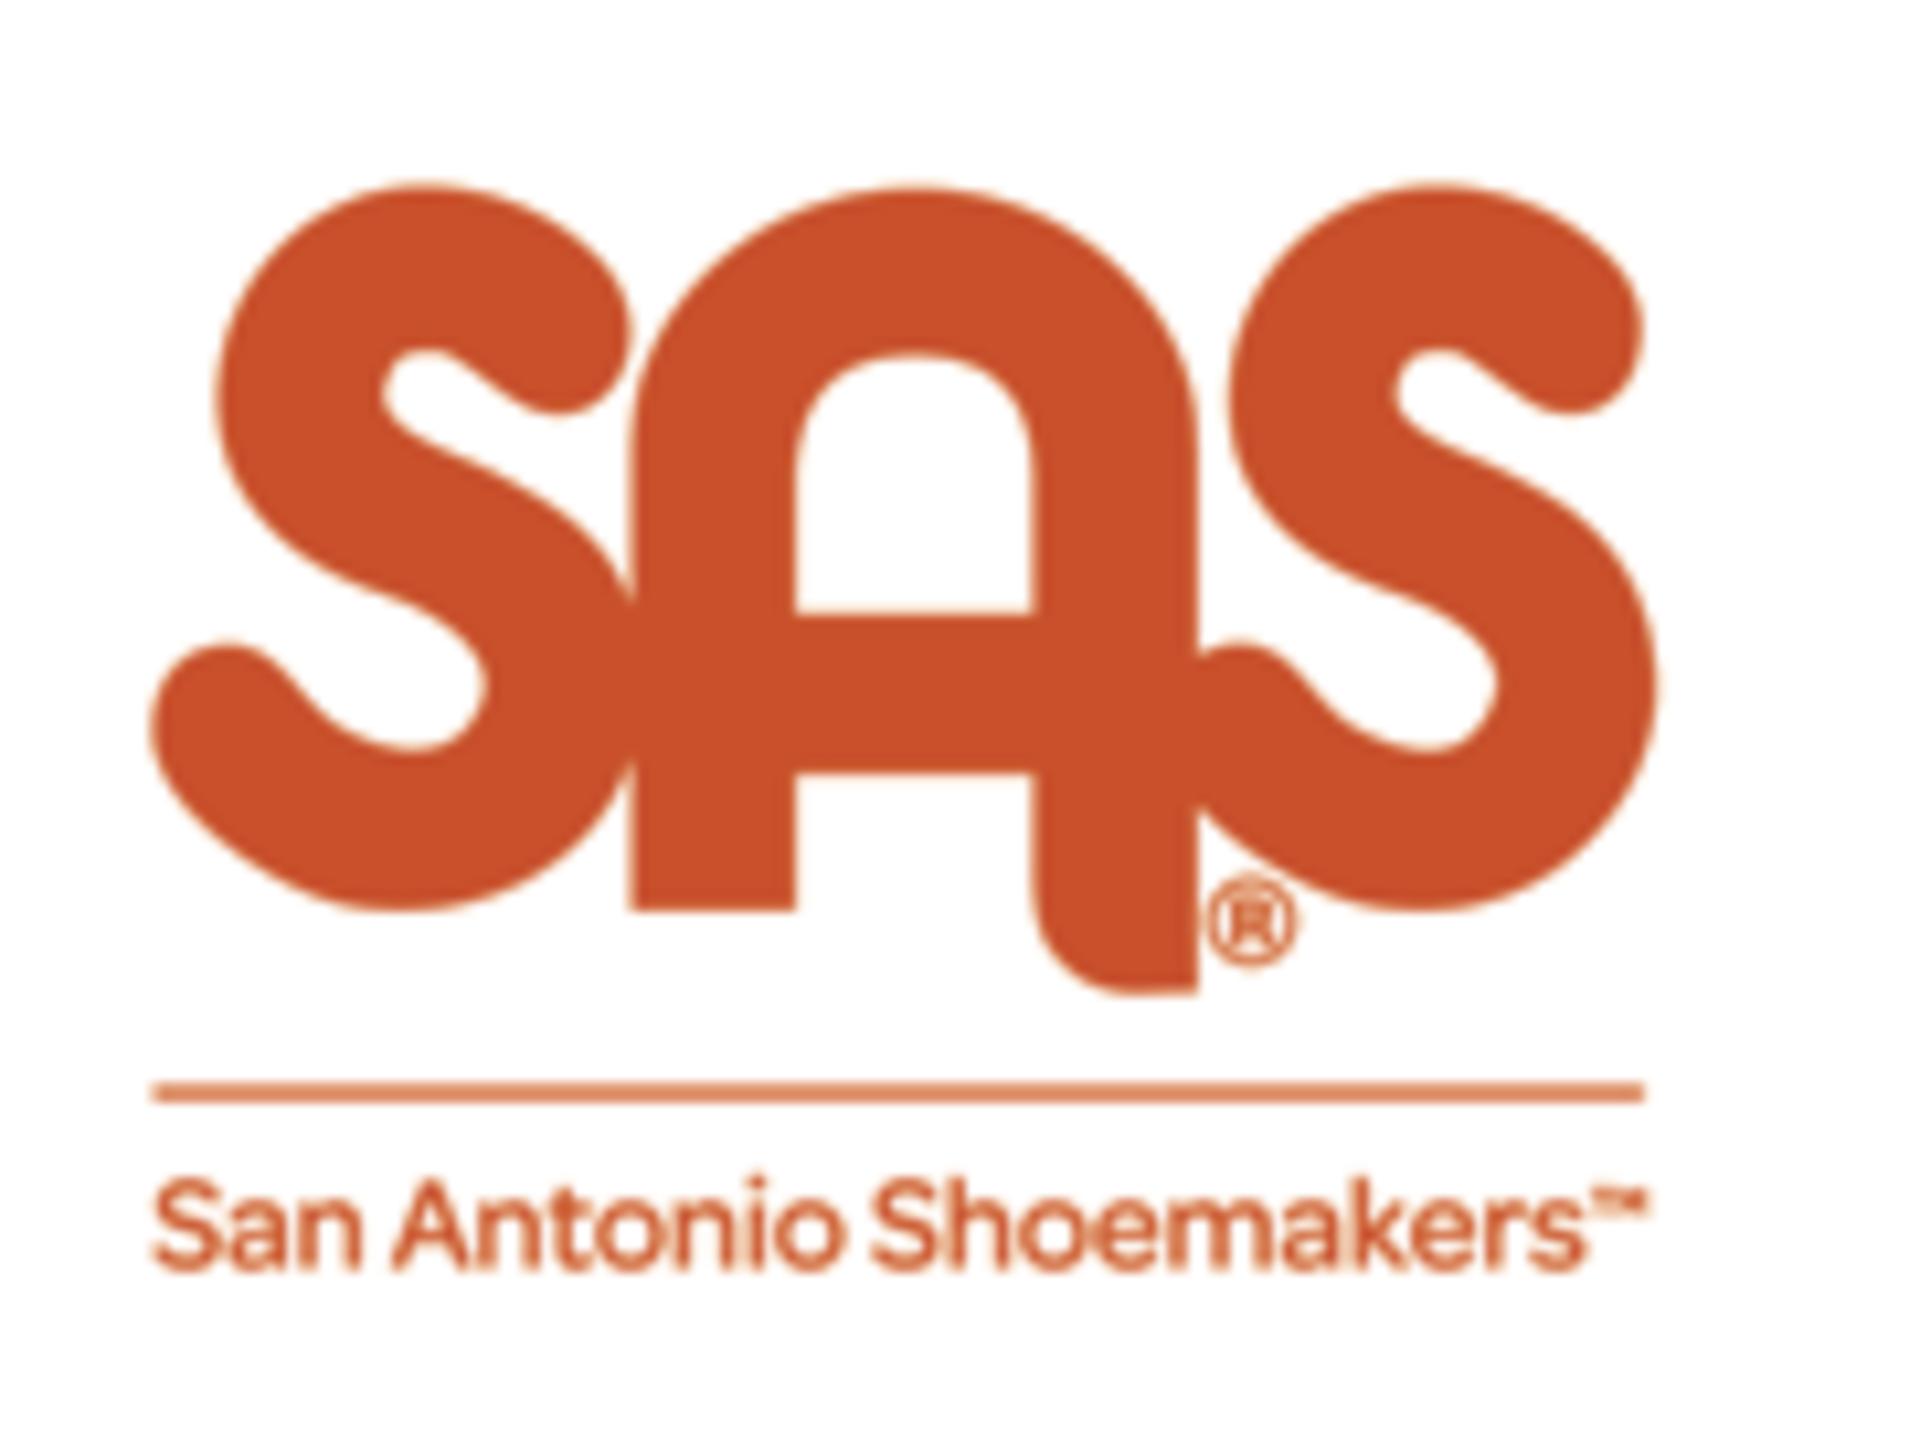 Sas Shoe Company